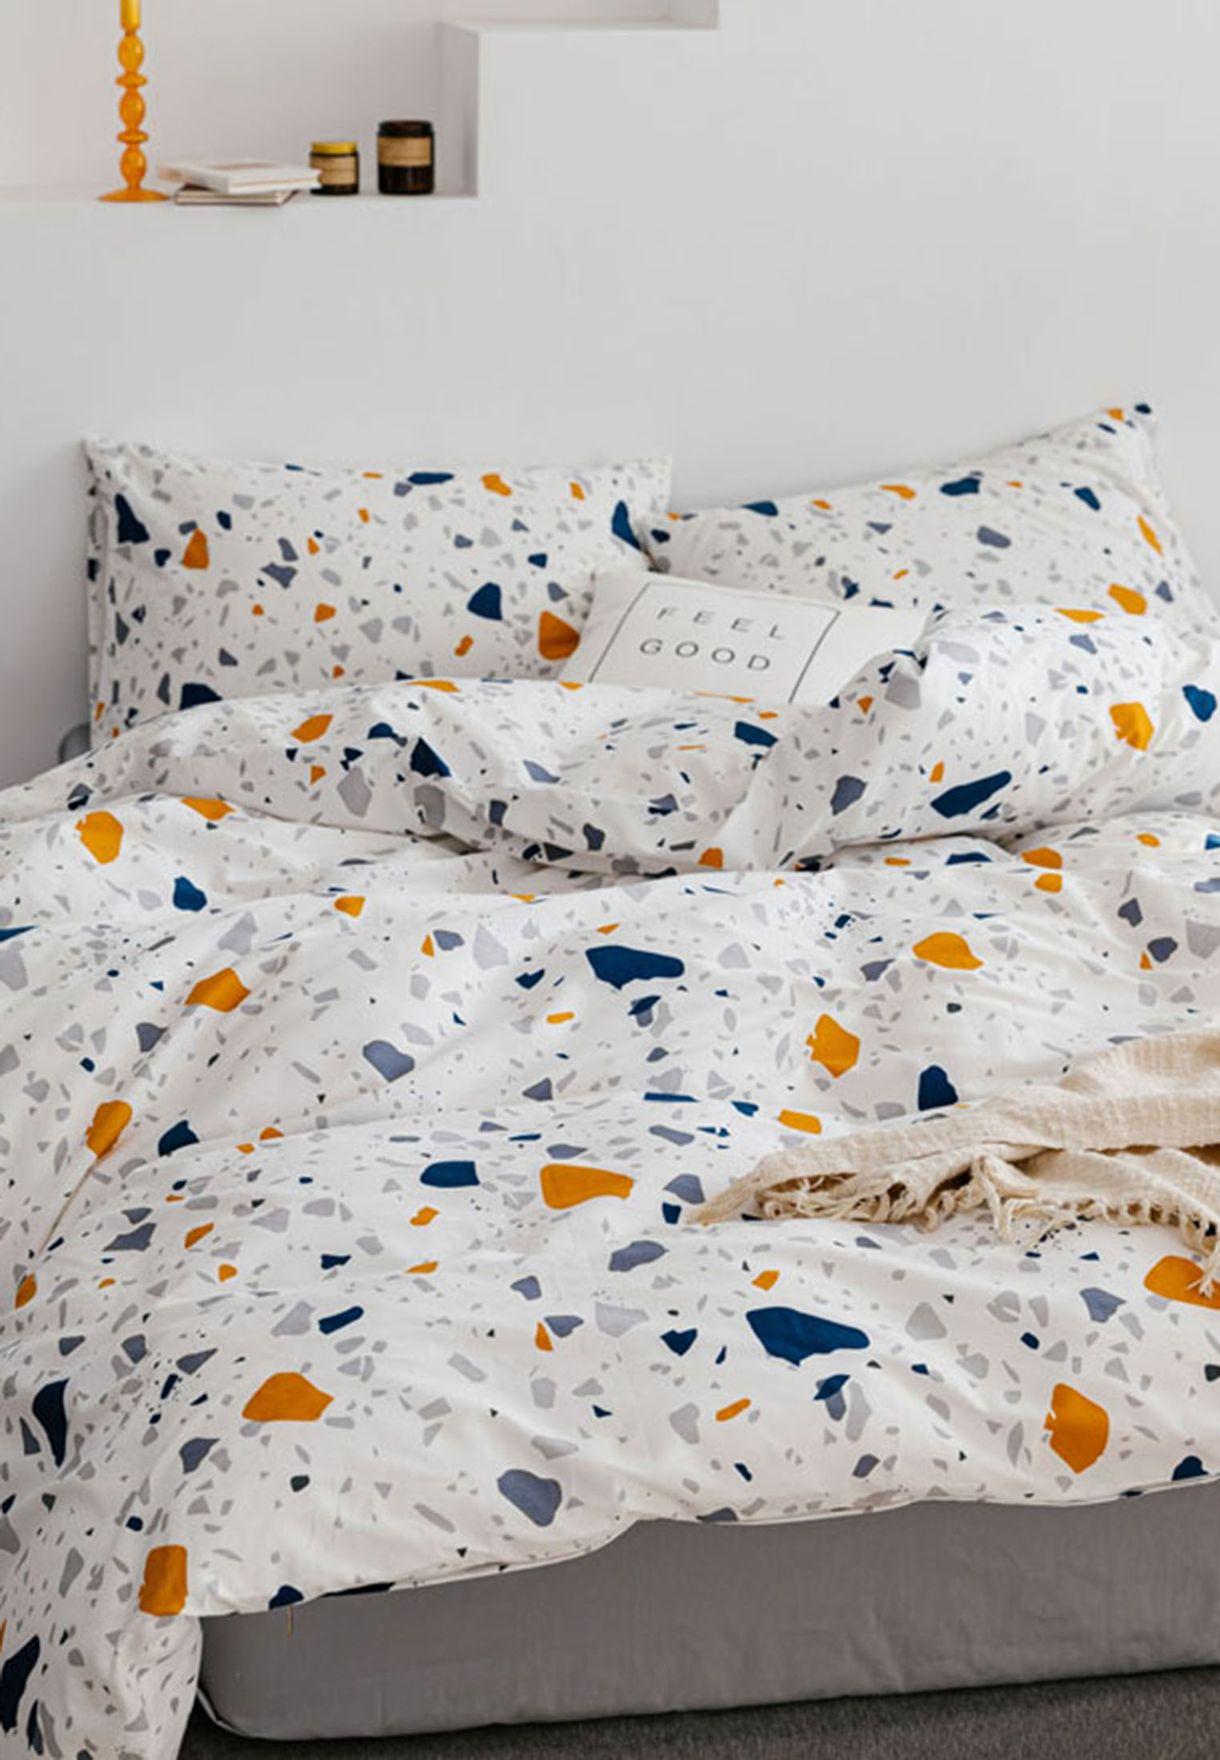 طقم سرير 4 قطع - كينغ 200 x 230 سم